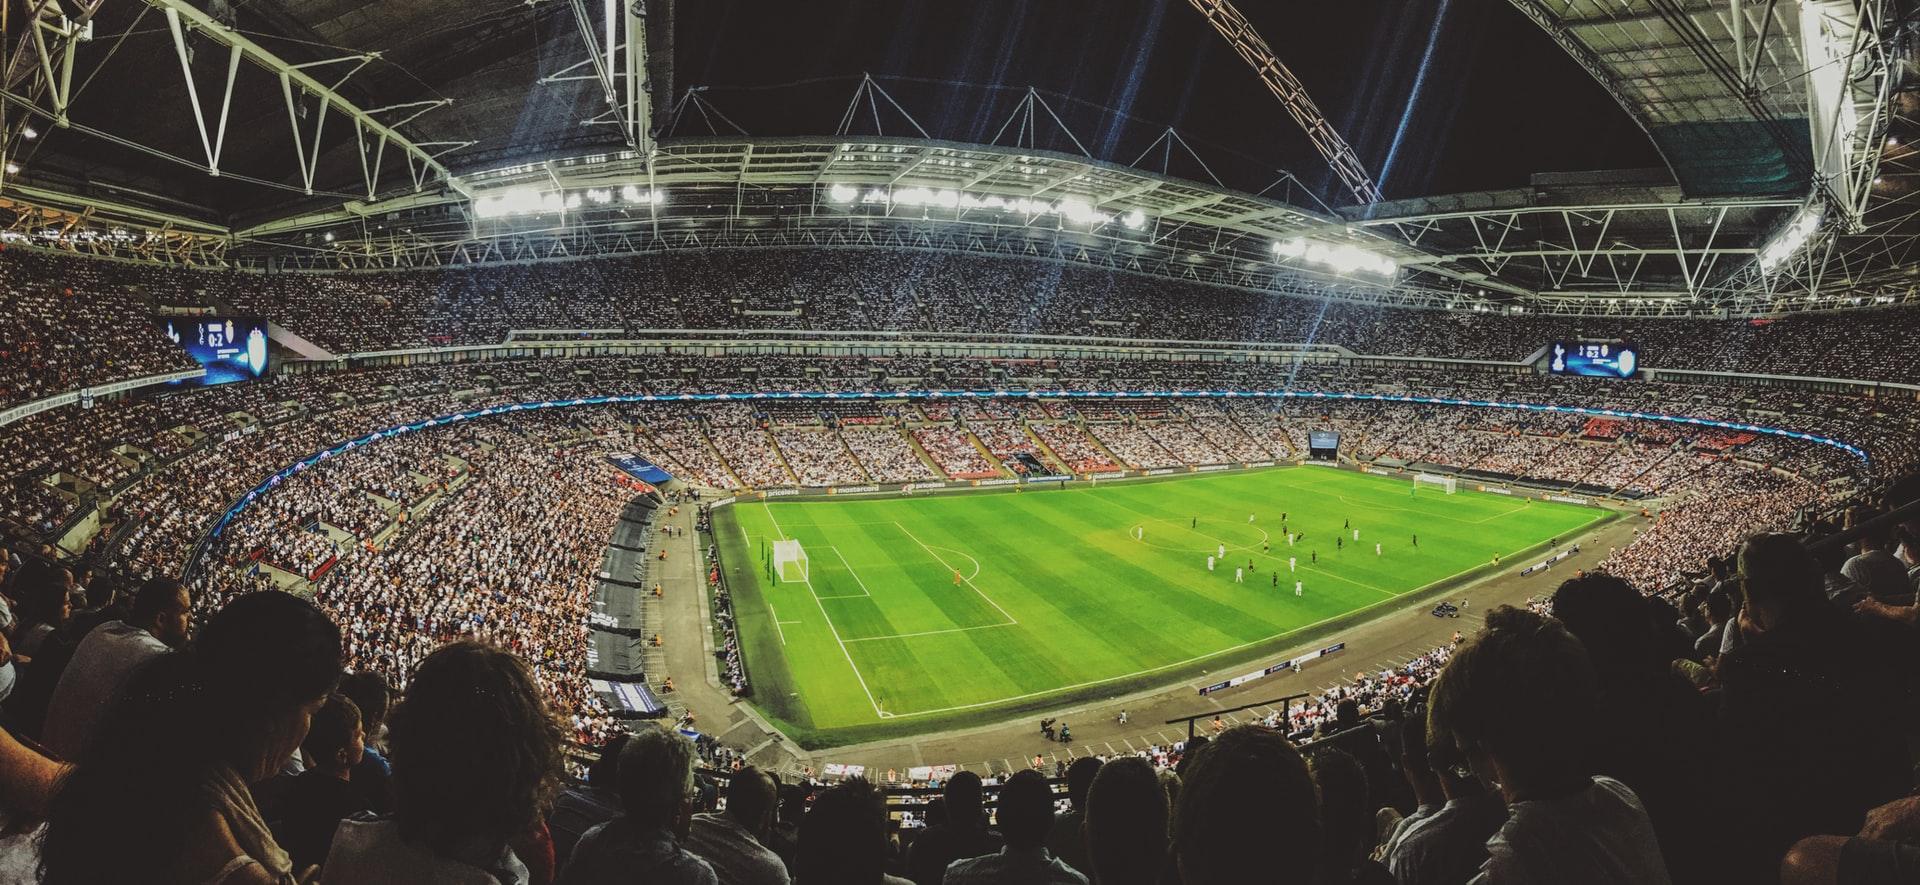 Wembley Stadium - Mitch Rosen via Unsplash